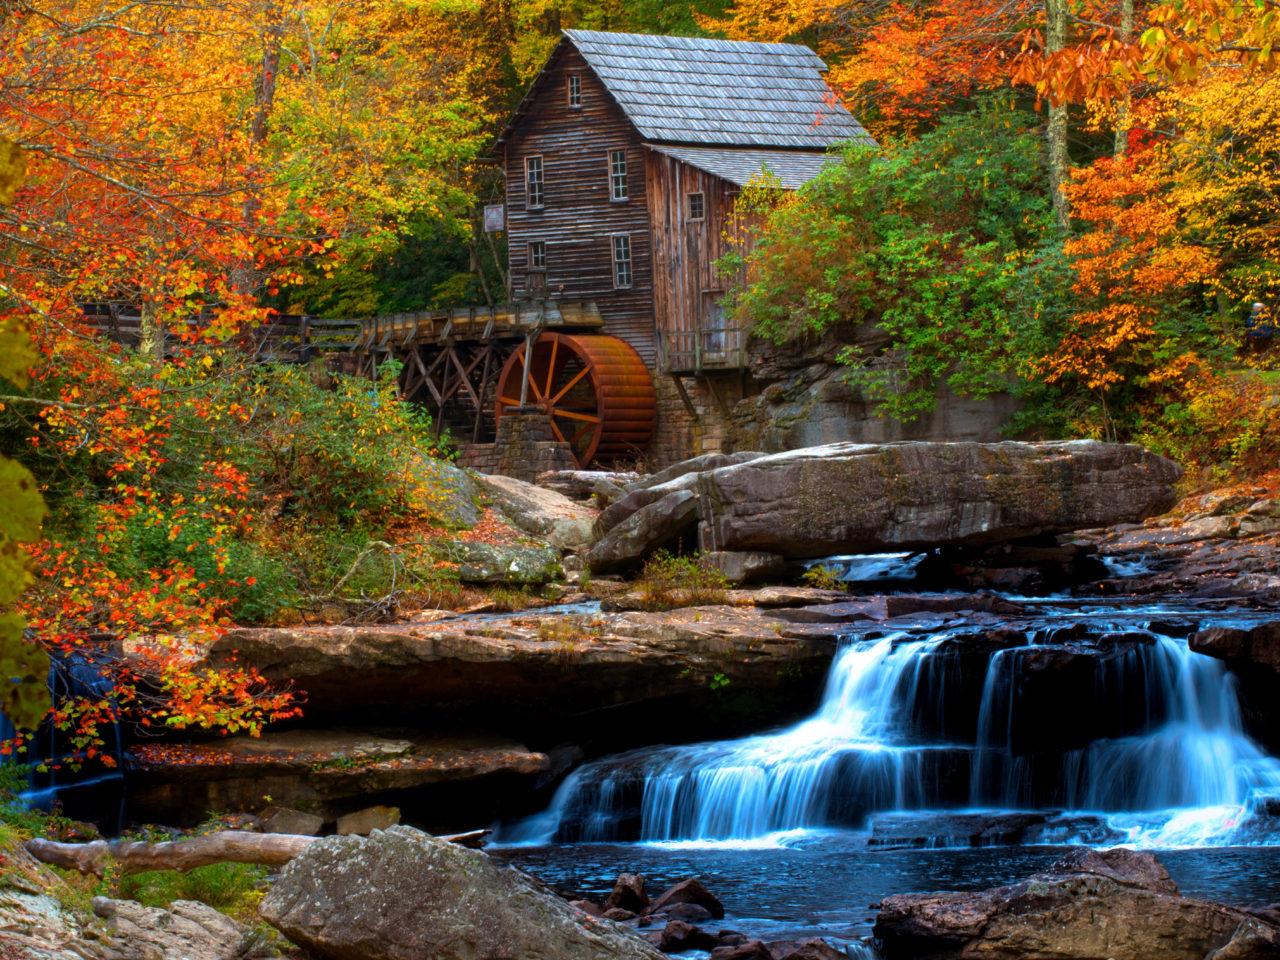 Free Fall Harvest Desktop Wallpaper Old Wooden Mill Water Flow Rock Waterfall Hd Wallpaper For